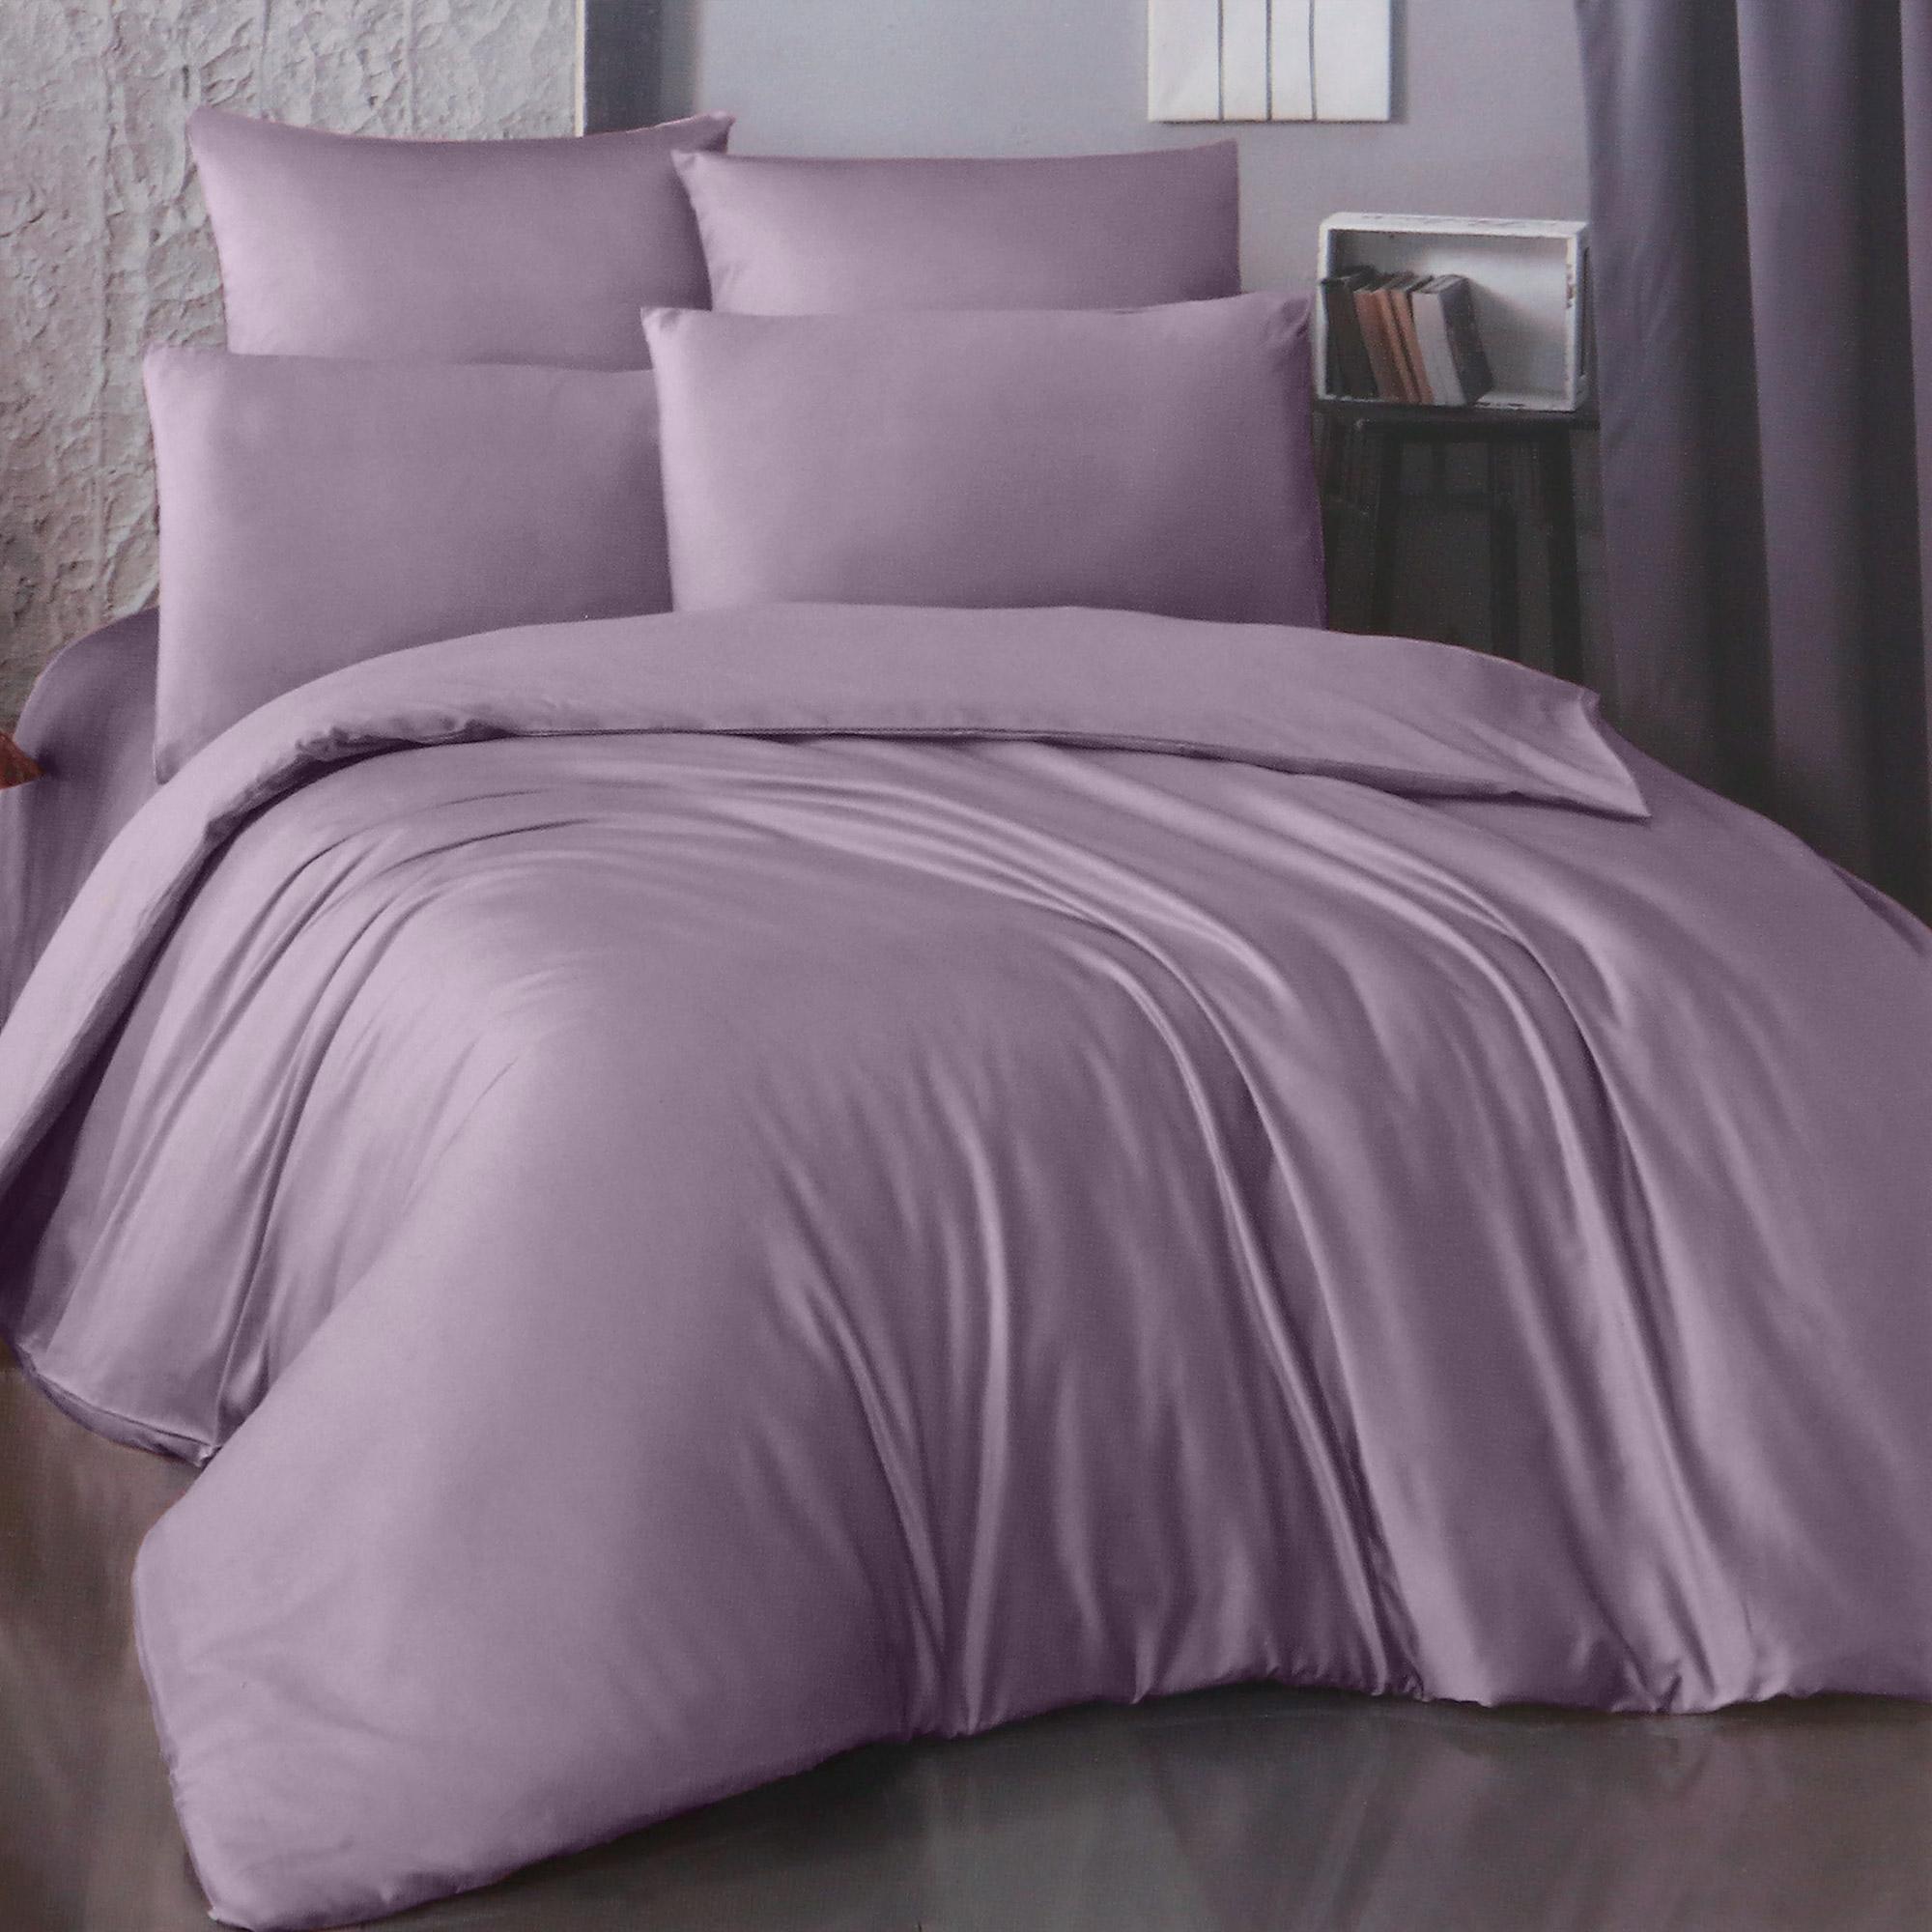 Фото - Комплект постельного белья La Besse Ранфорс сливовый Евро комплект постельного белья la besse ранфорс тёмно серый евро